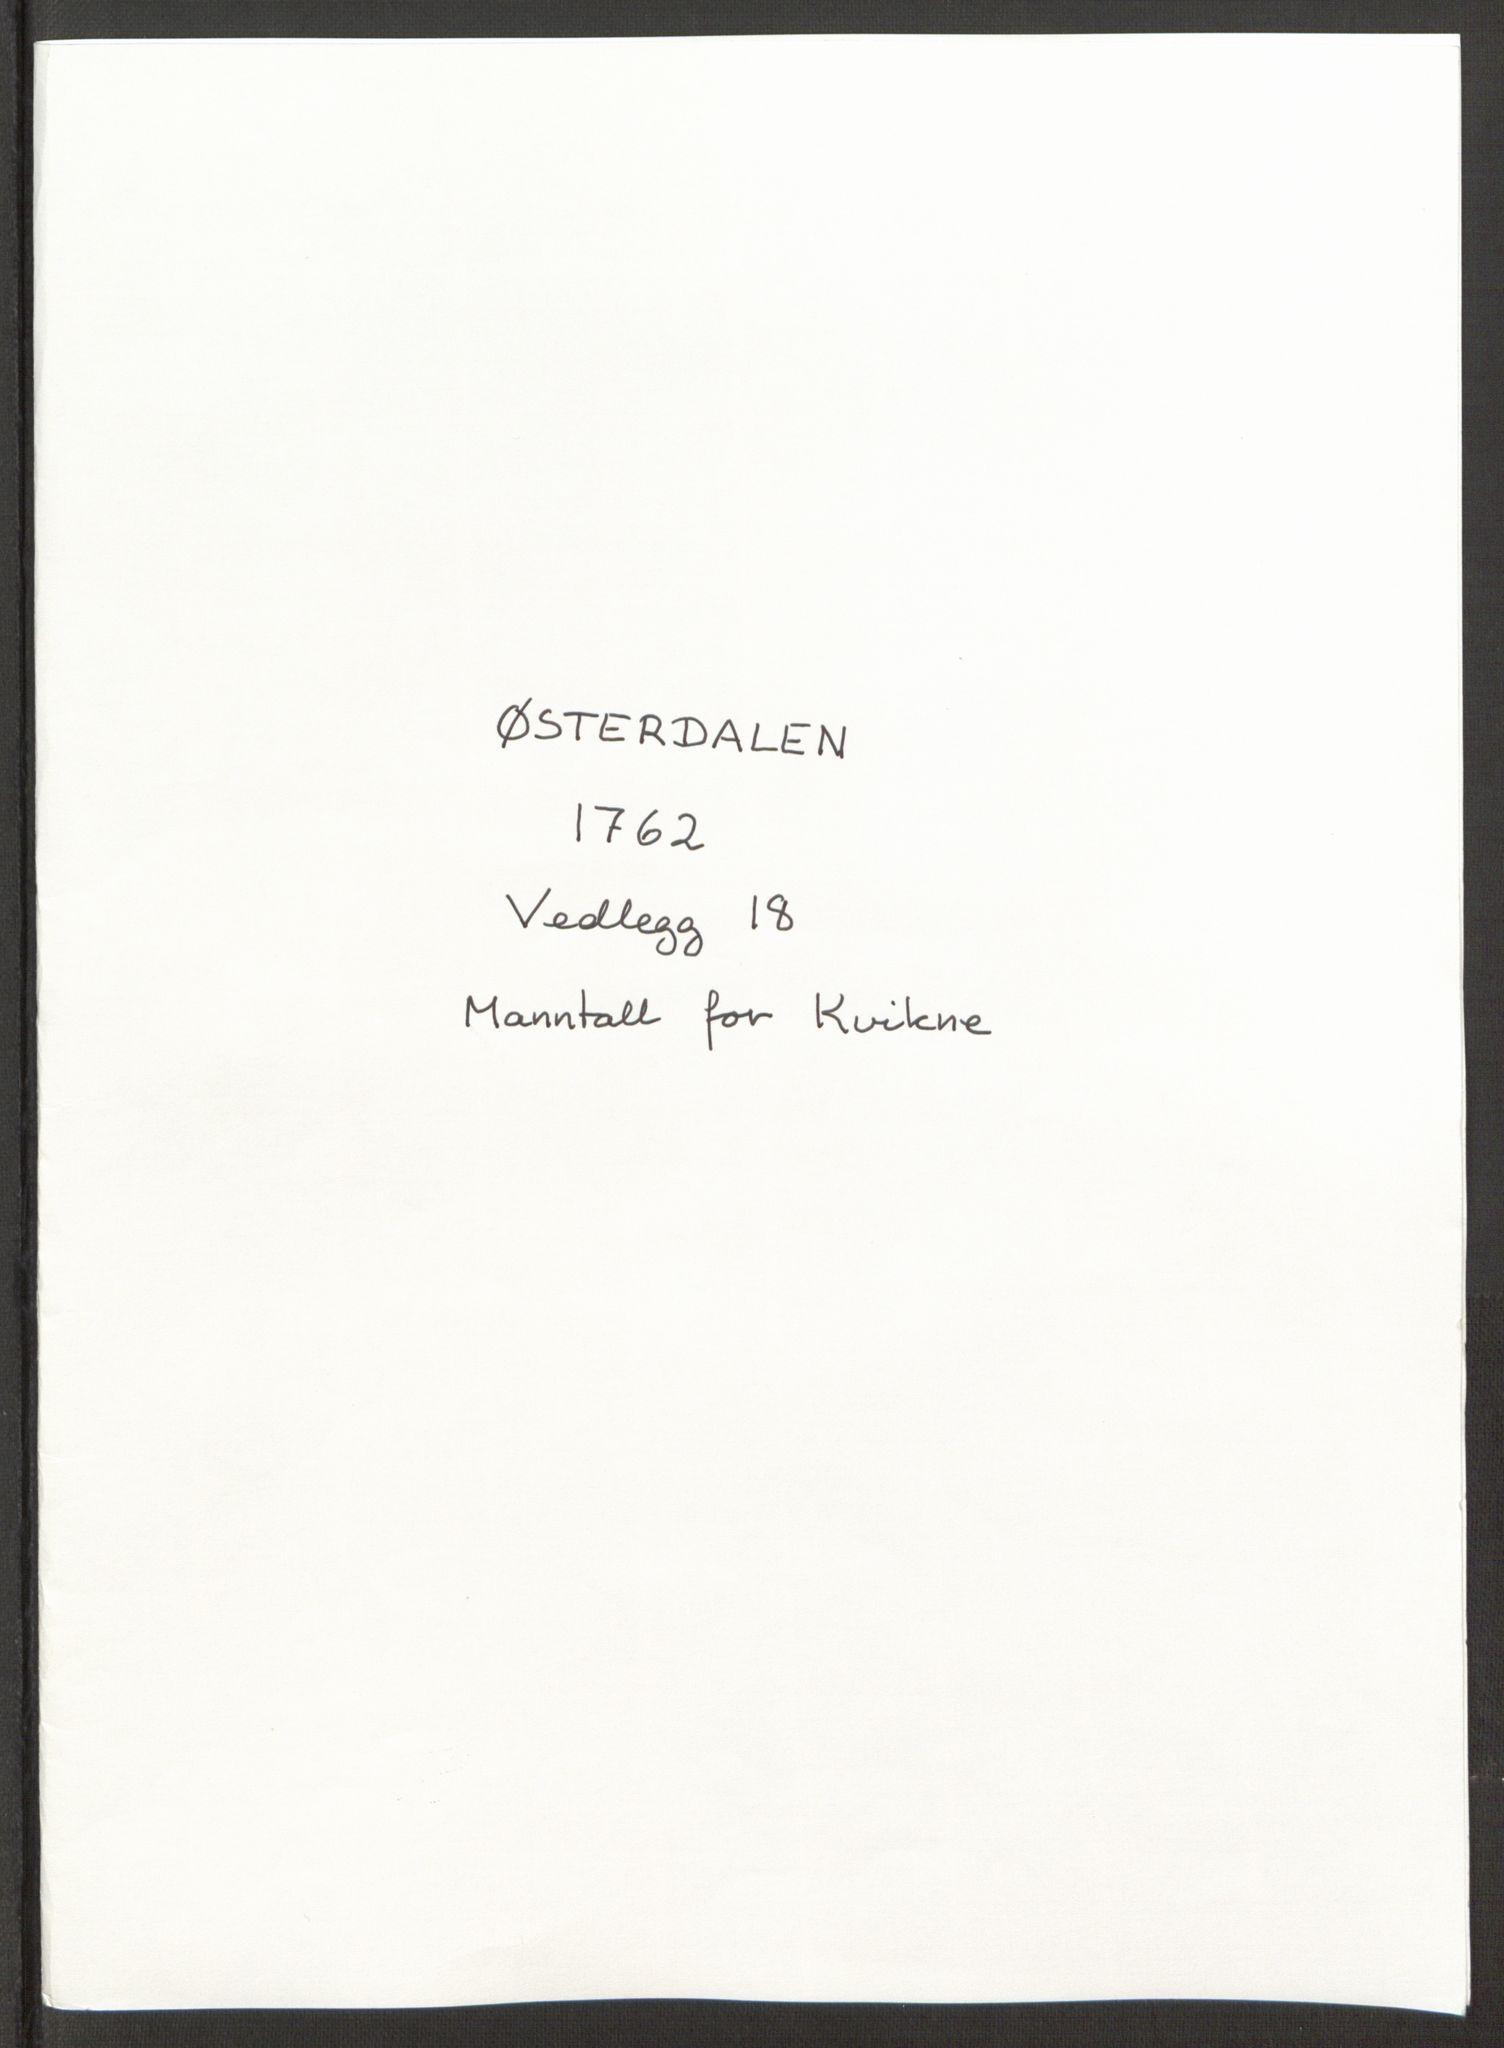 RA, Rentekammeret inntil 1814, Reviderte regnskaper, Fogderegnskap, R15/L1014: Ekstraskatten Østerdal, 1762-1764, s. 437